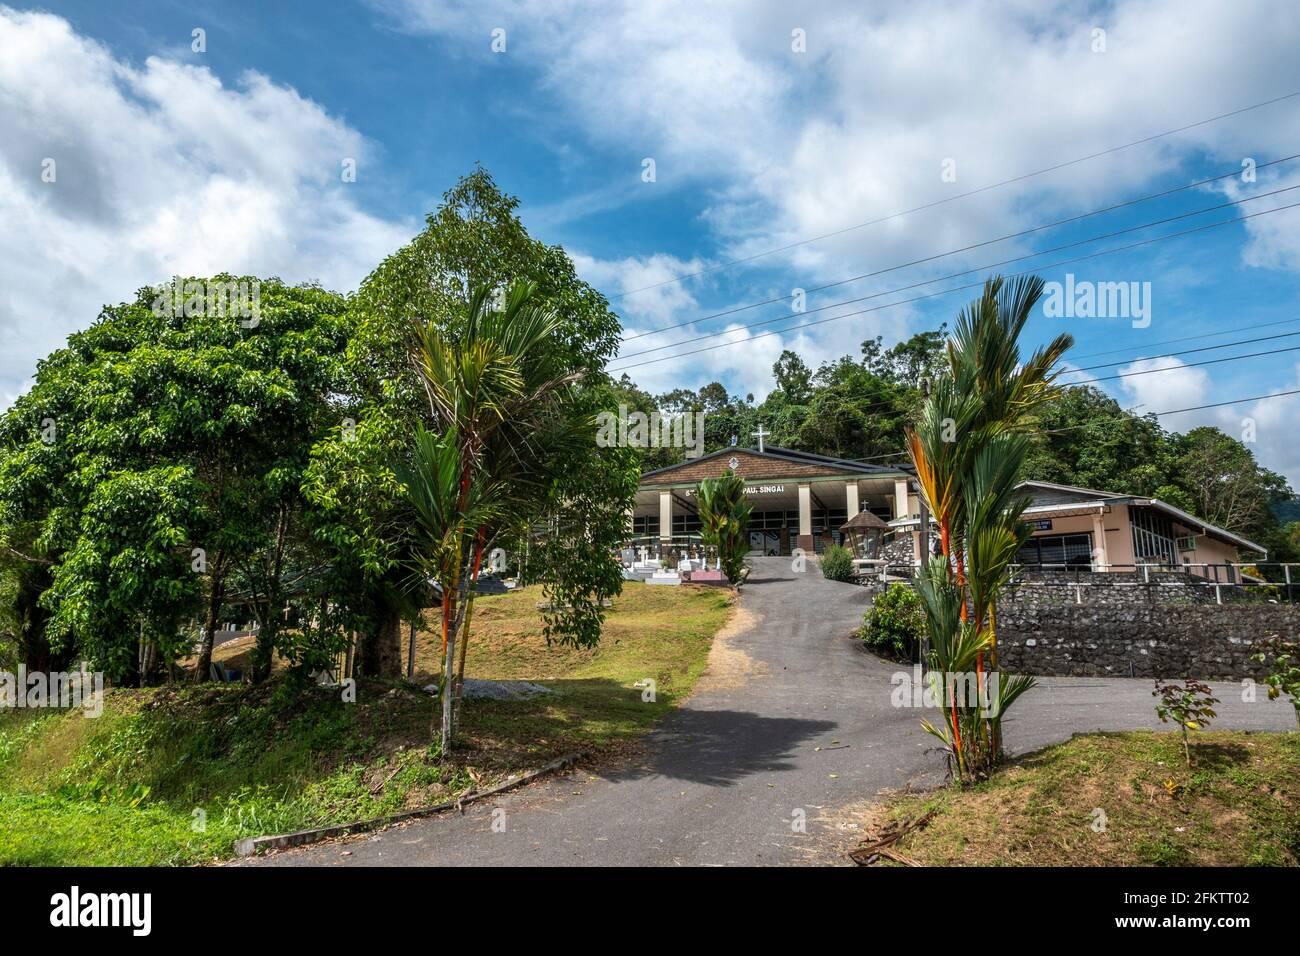 Une église à Kampung SIngai, Bau, Sarawak, Malaisie orientale Banque D'Images